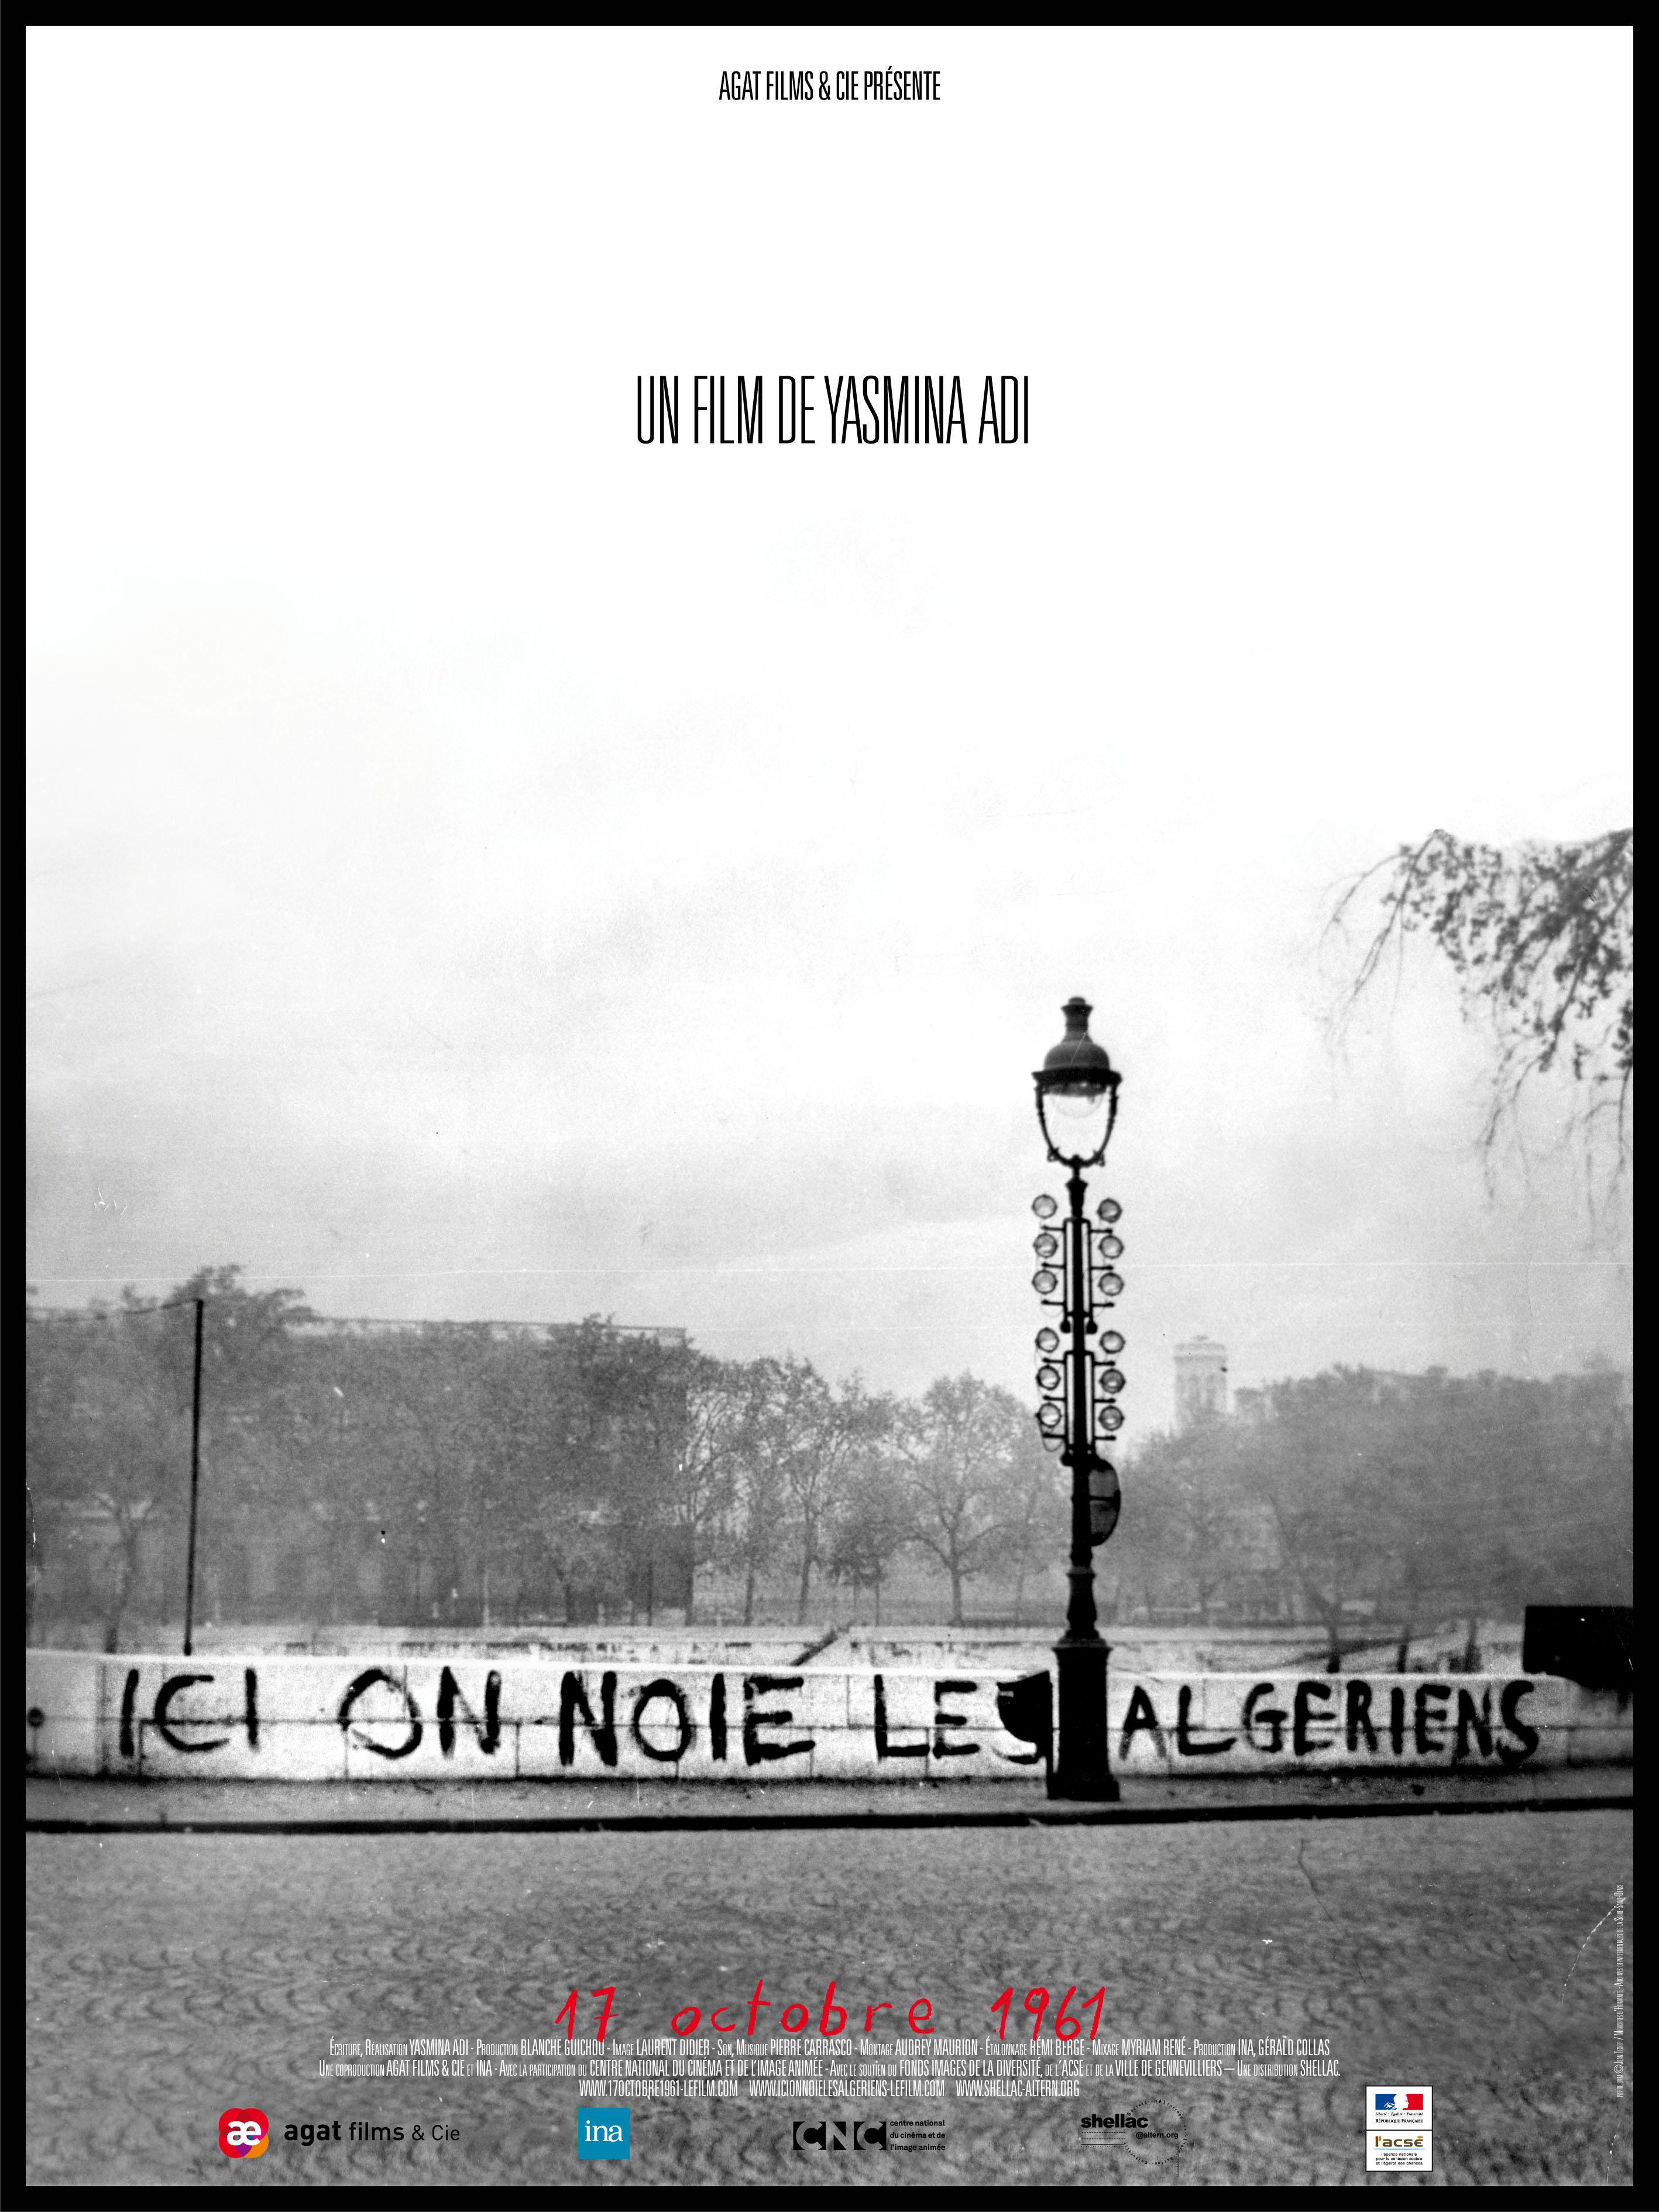 http://maghrebdesfilms.fr/IMG/jpg/Ici_on_aff-2.jpg